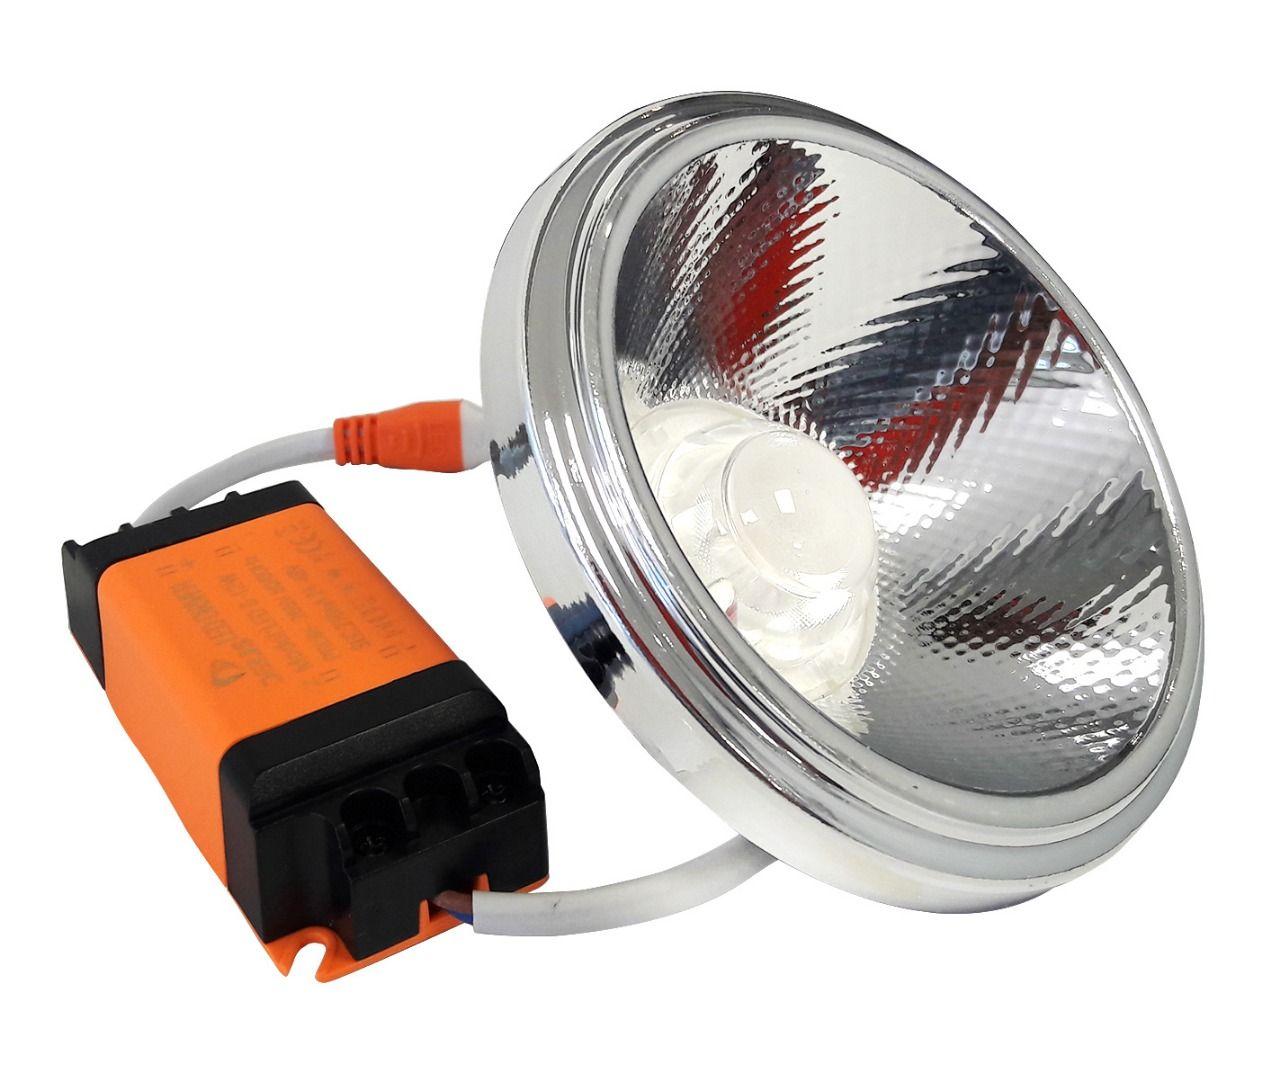 LAMPADA LED AR111 10W COB DRIVER 127V DIMERIZAVEL - BRANCO QUENTE 3000K